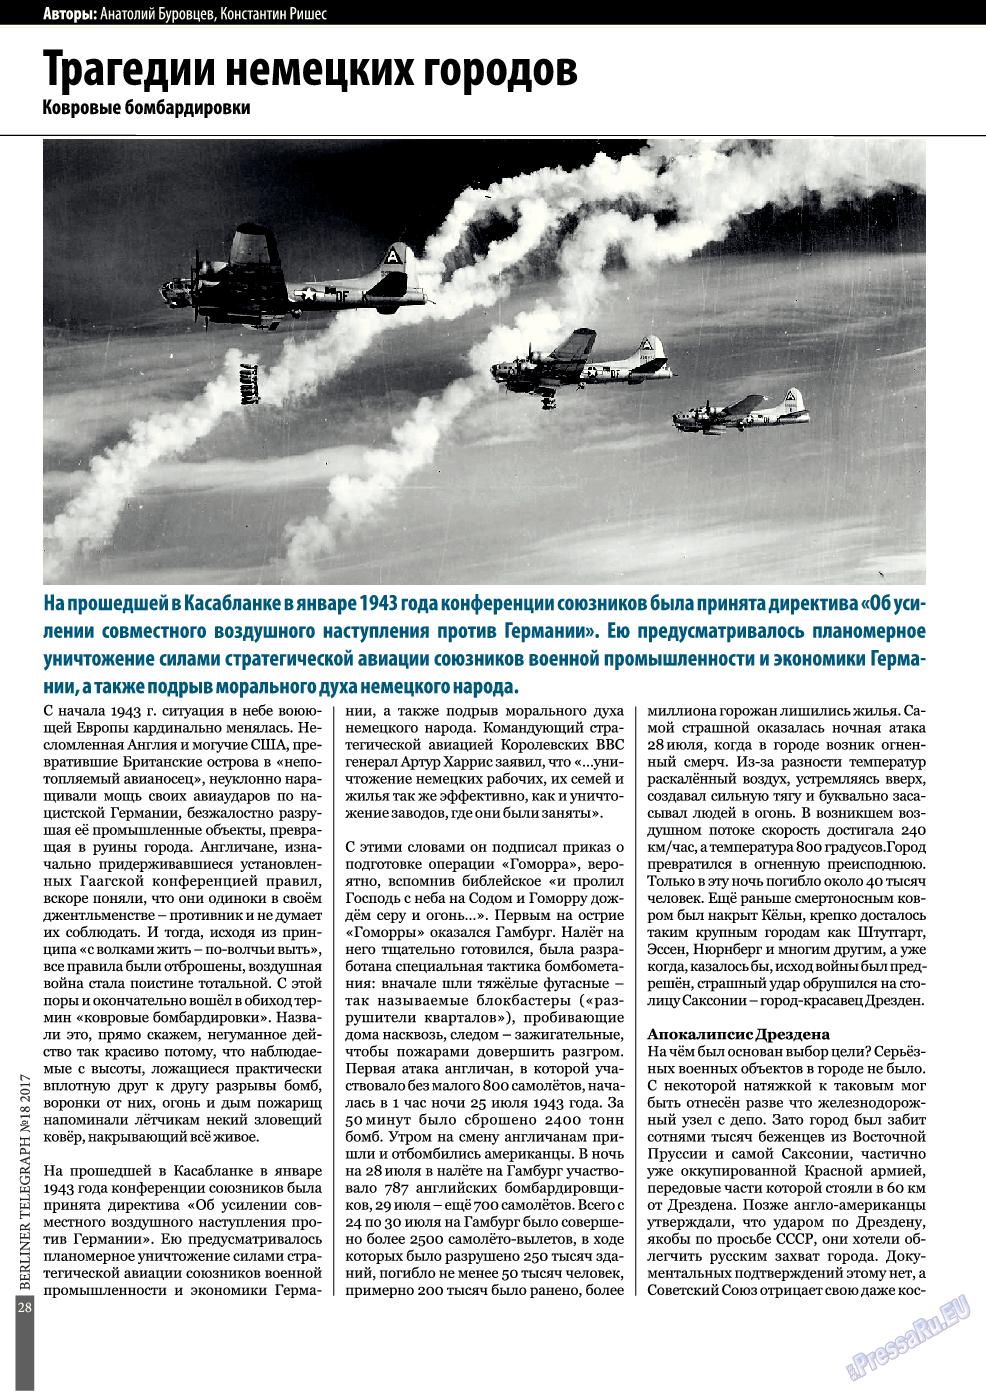 Берлинский телеграф (журнал). 2017 год, номер 18, стр. 28